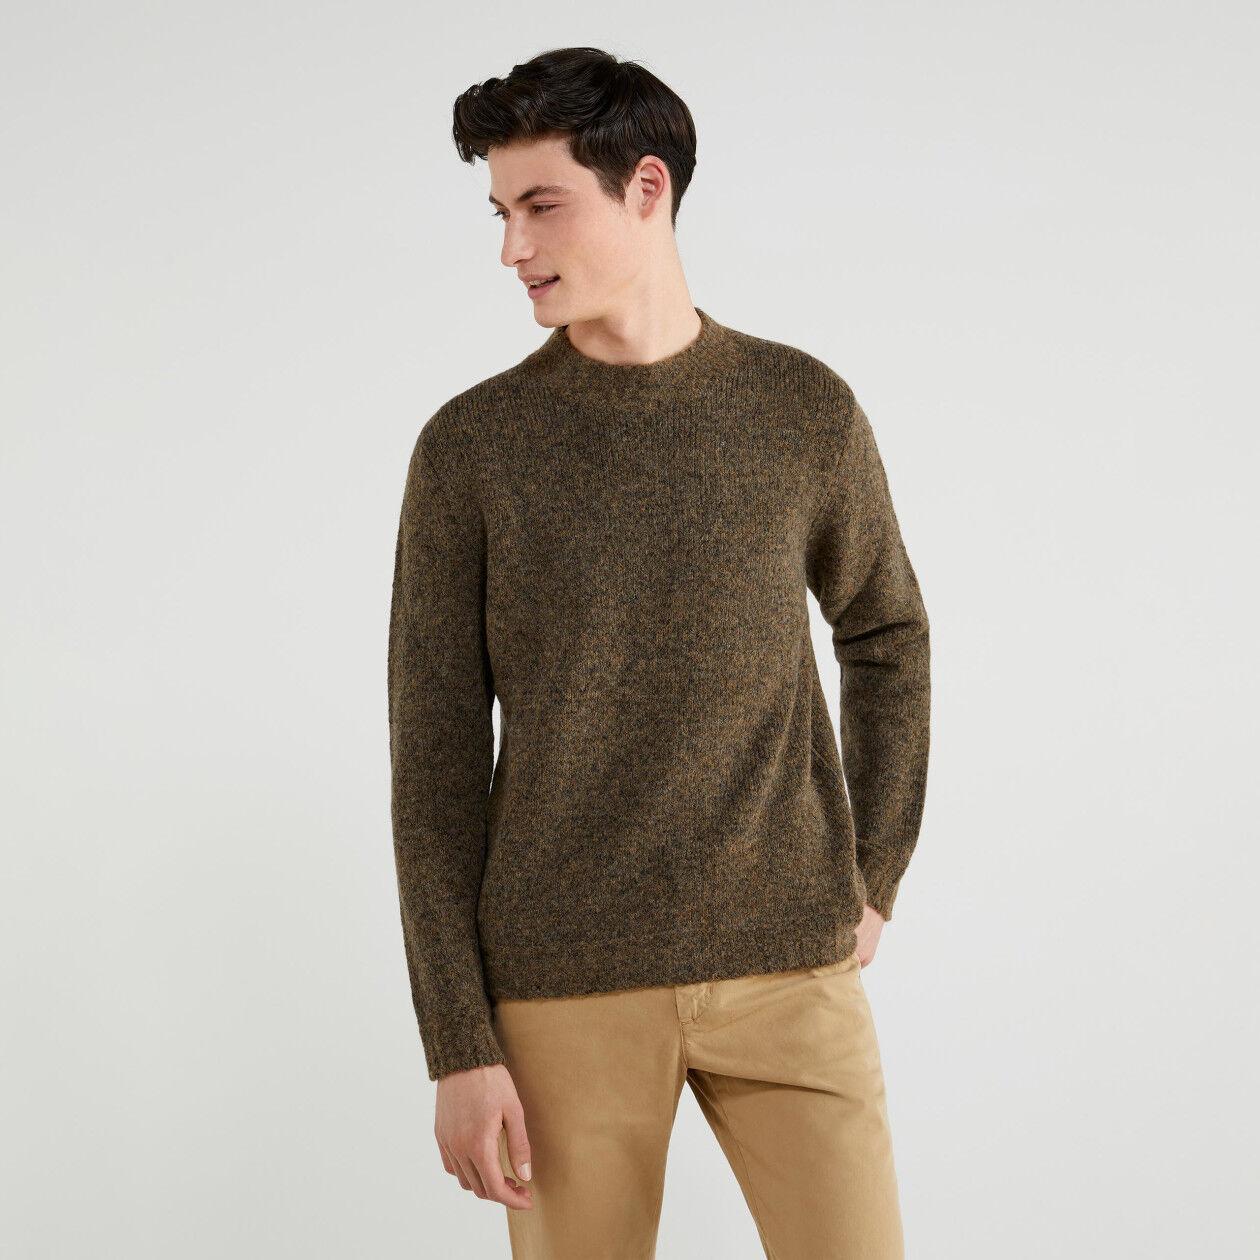 Jersey de algodón y lana